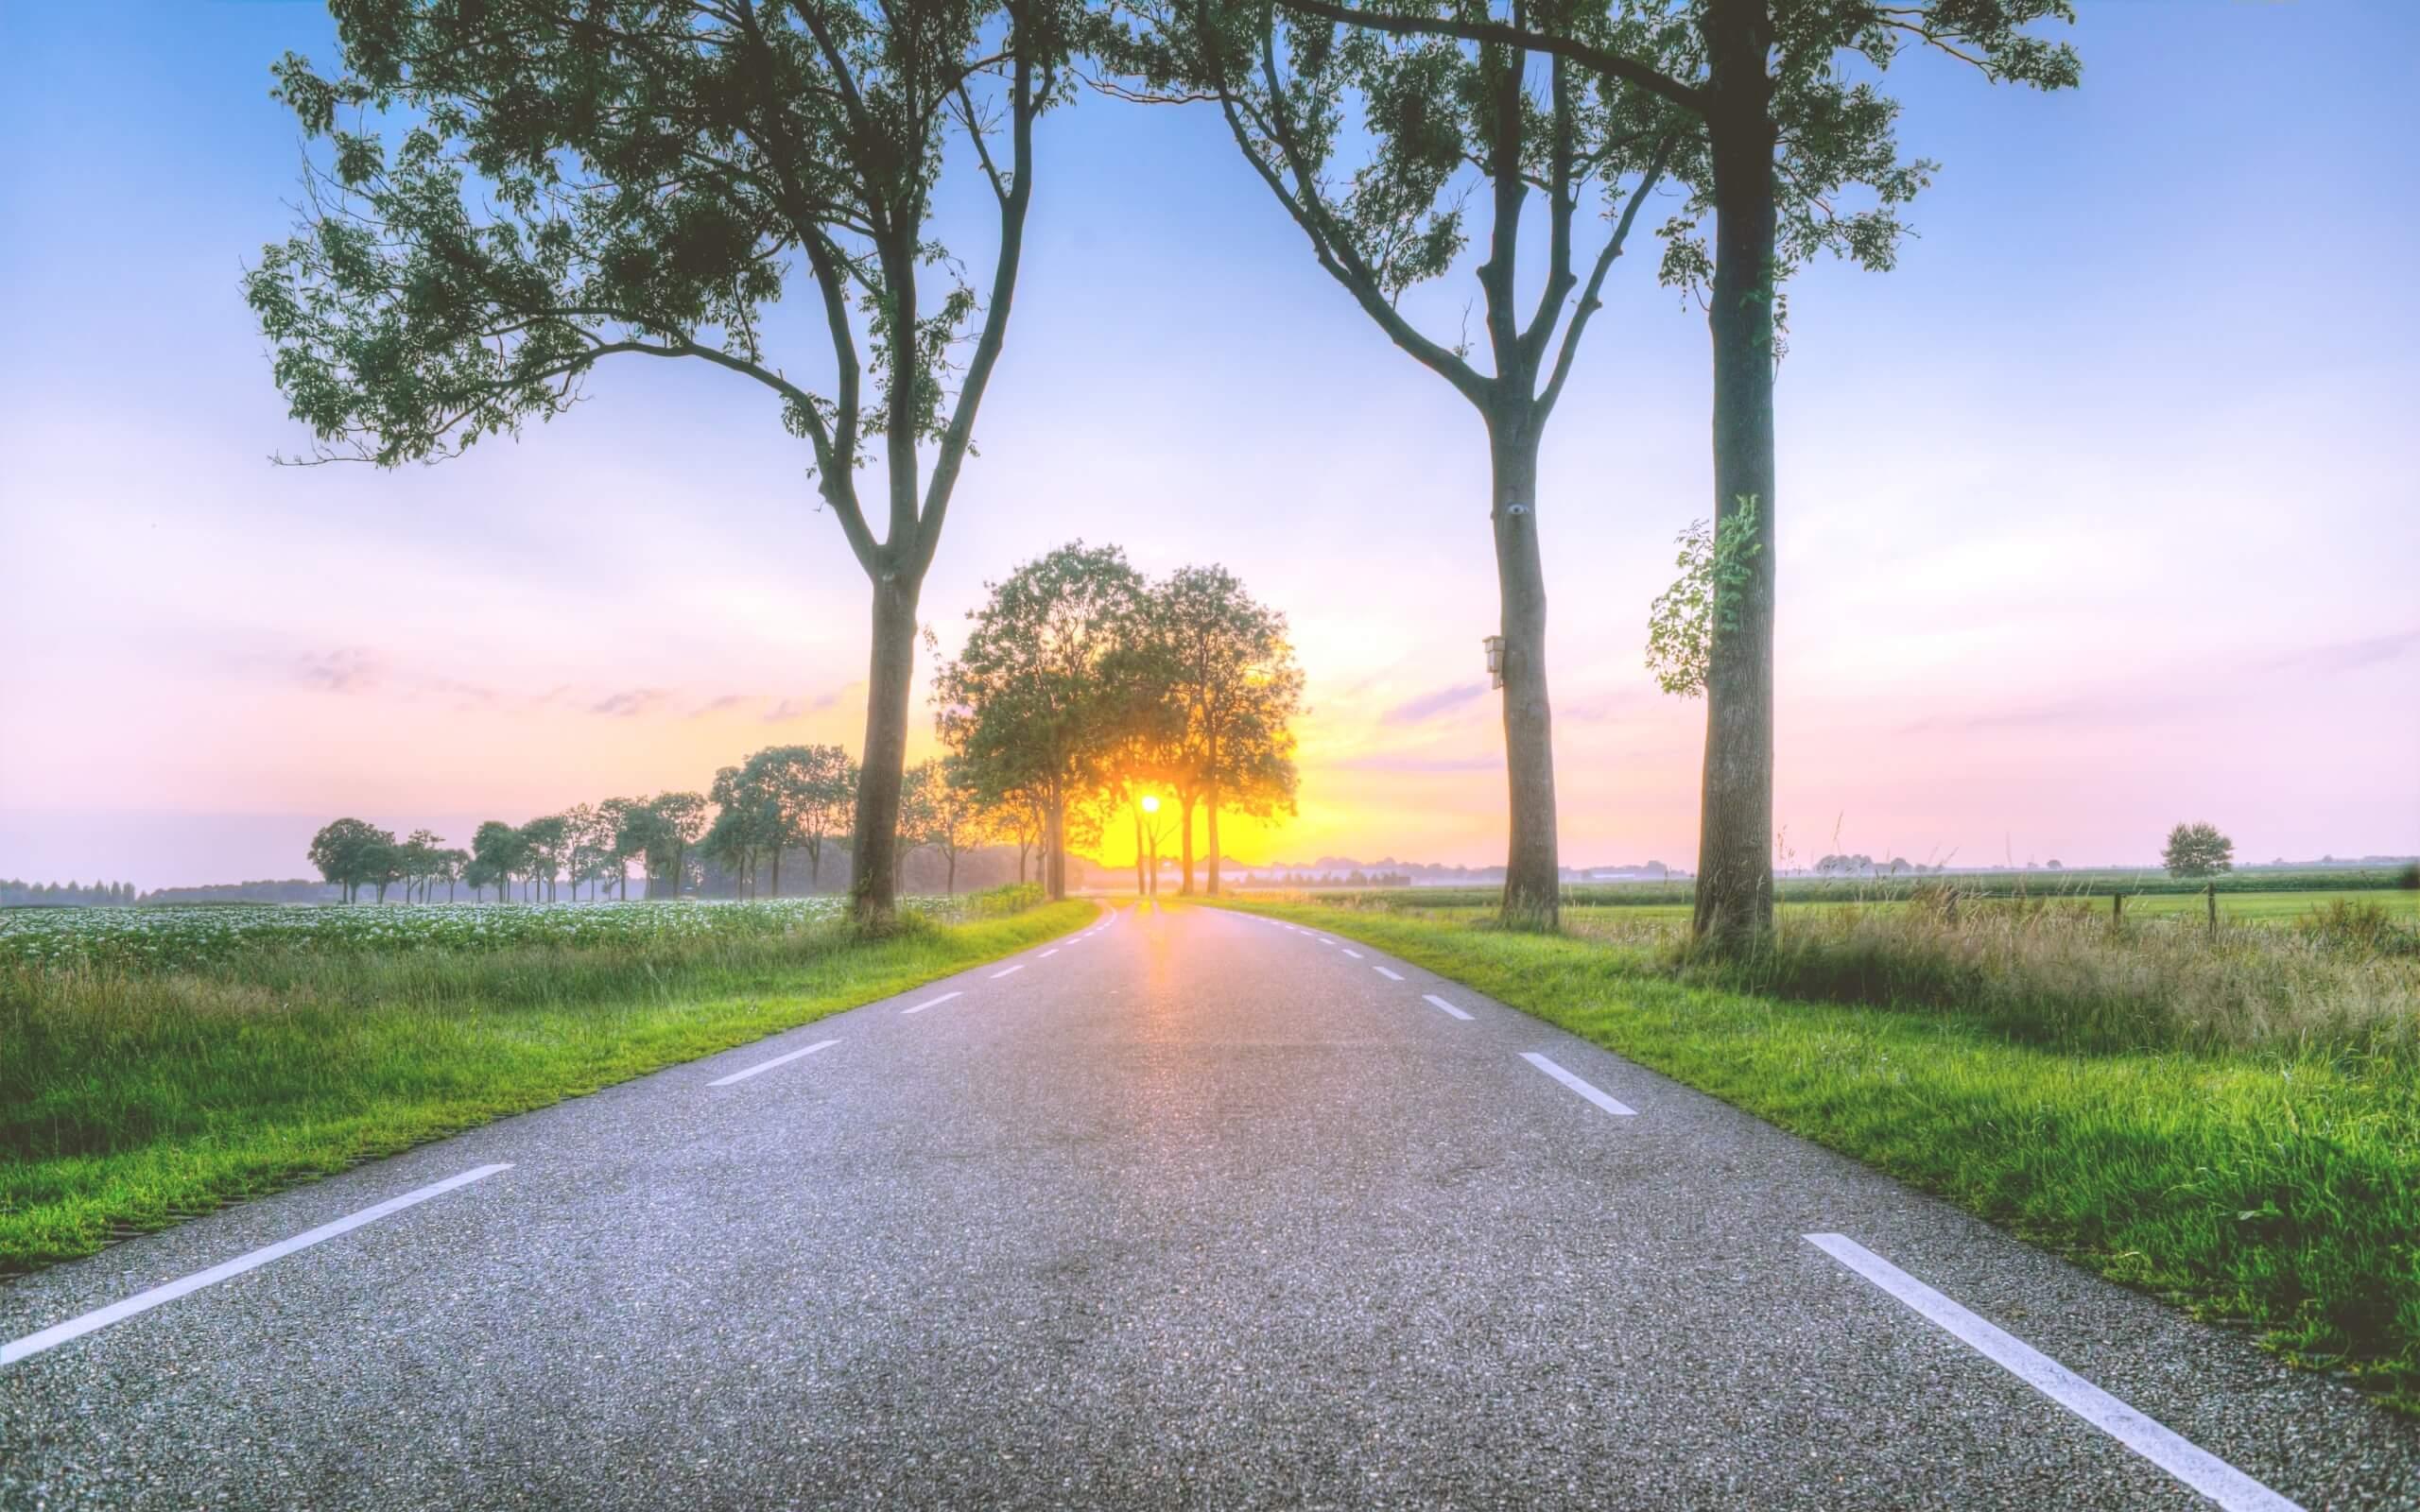 夏の夕暮れ時の道